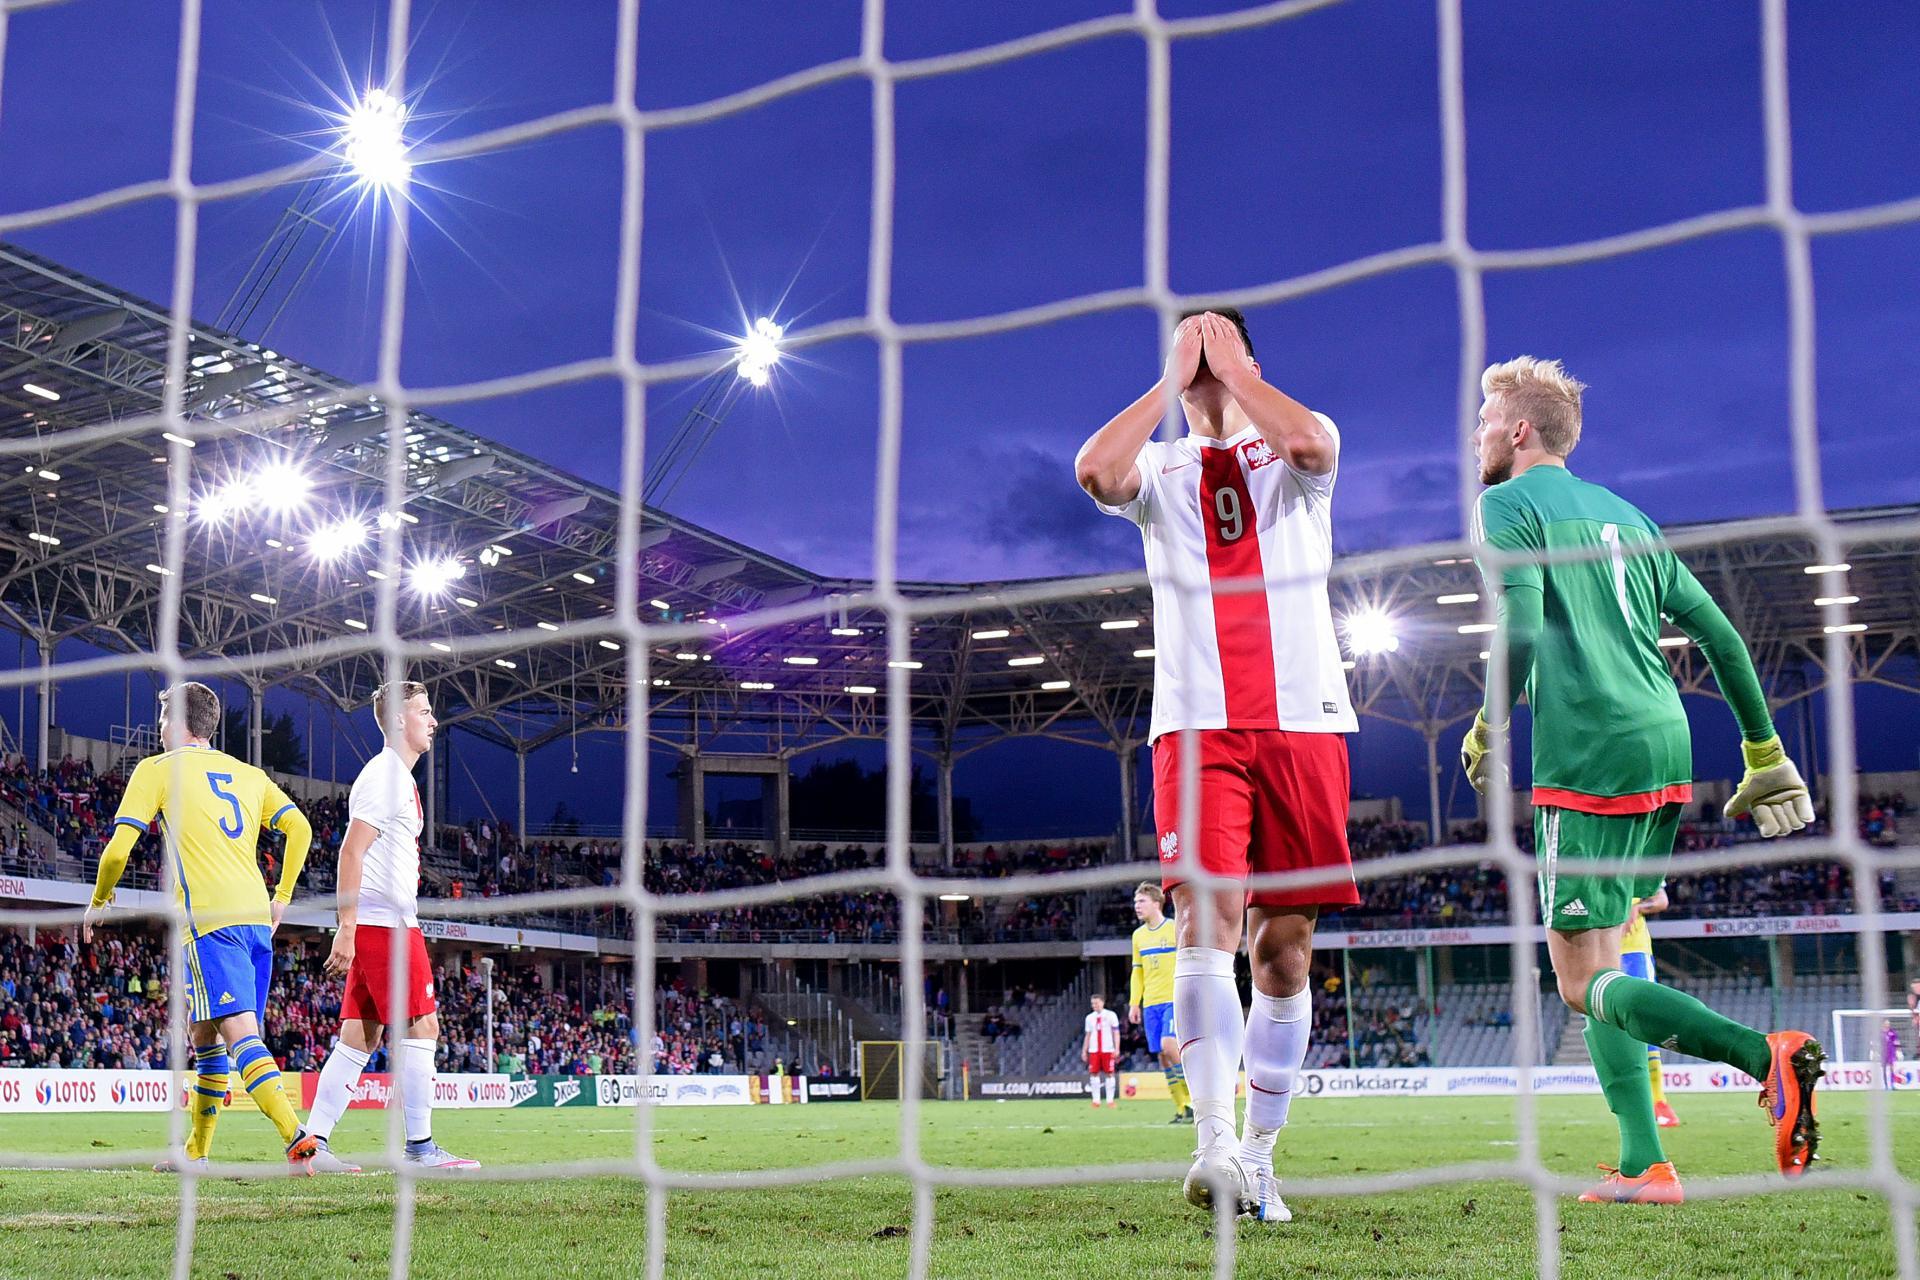 Mariusz Stępiński zakrywa dłońmi twarz po niewykorzystanej okazji w meczu ze Szwecją w Kielcach. Spotkanie drużyn do lat 21.